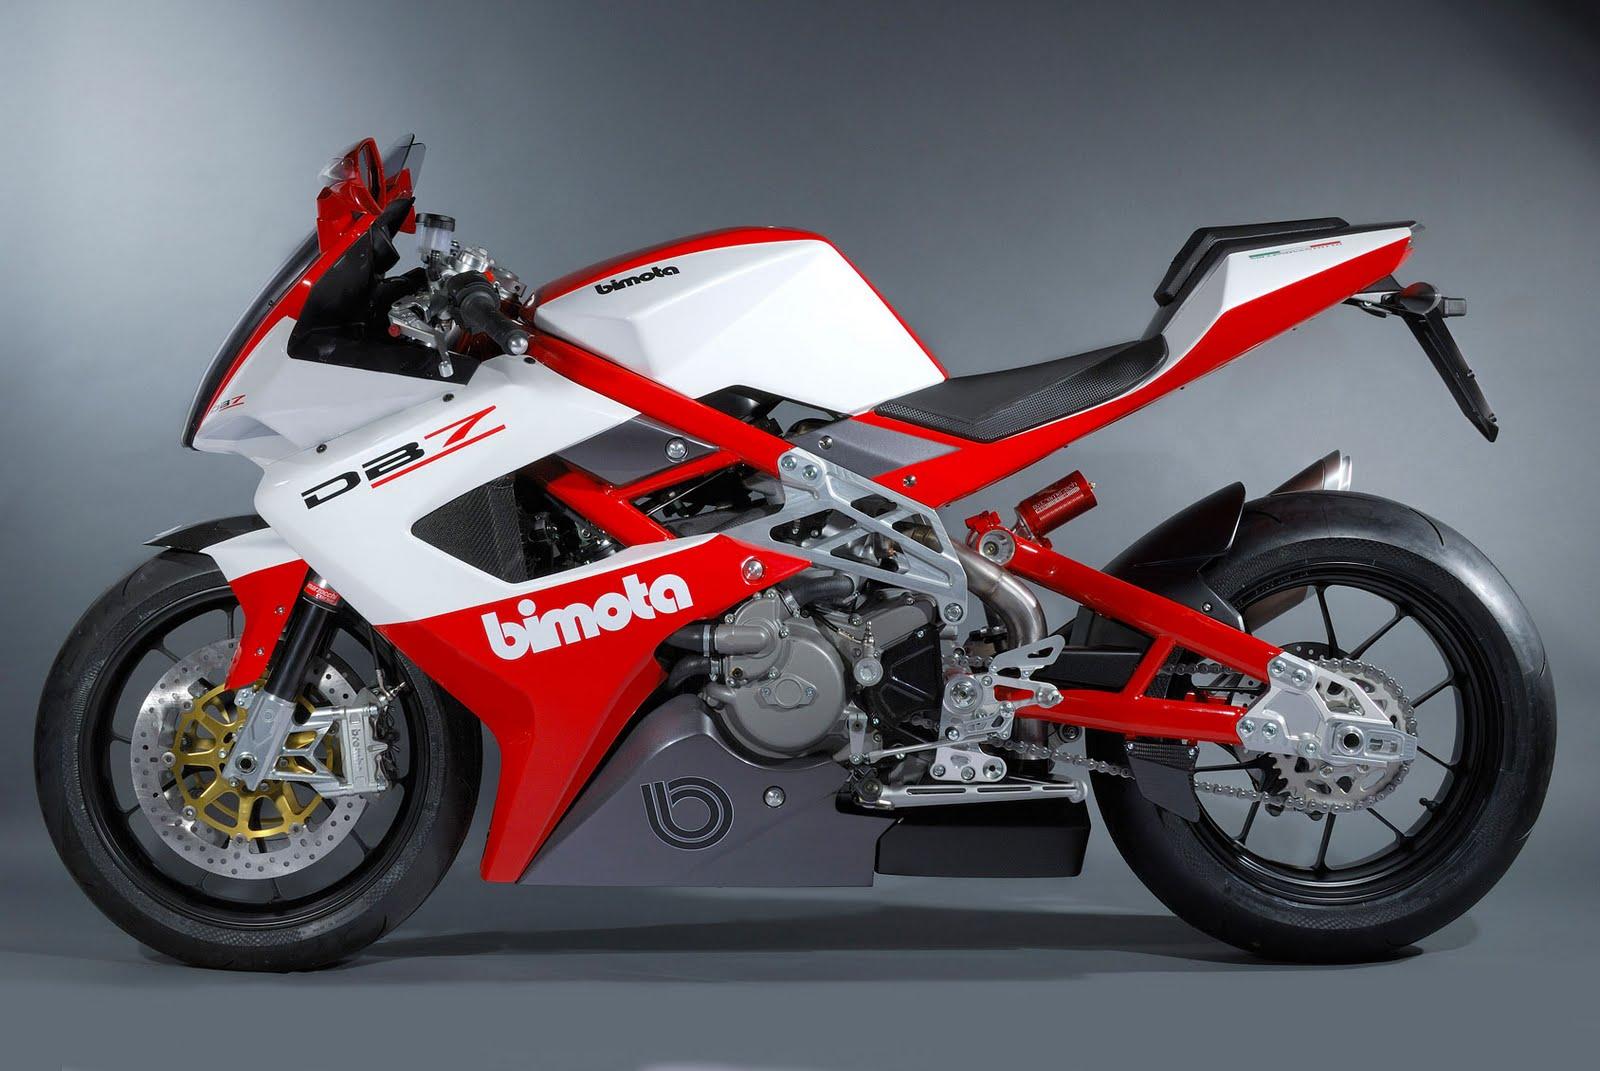 http://1.bp.blogspot.com/-fpnqBkPJEUA/TeJsKg3u41I/AAAAAAAAAOI/-ep1iwKSBxk/s1600/2011-Bimota-DB7-Motorcycles.jpg